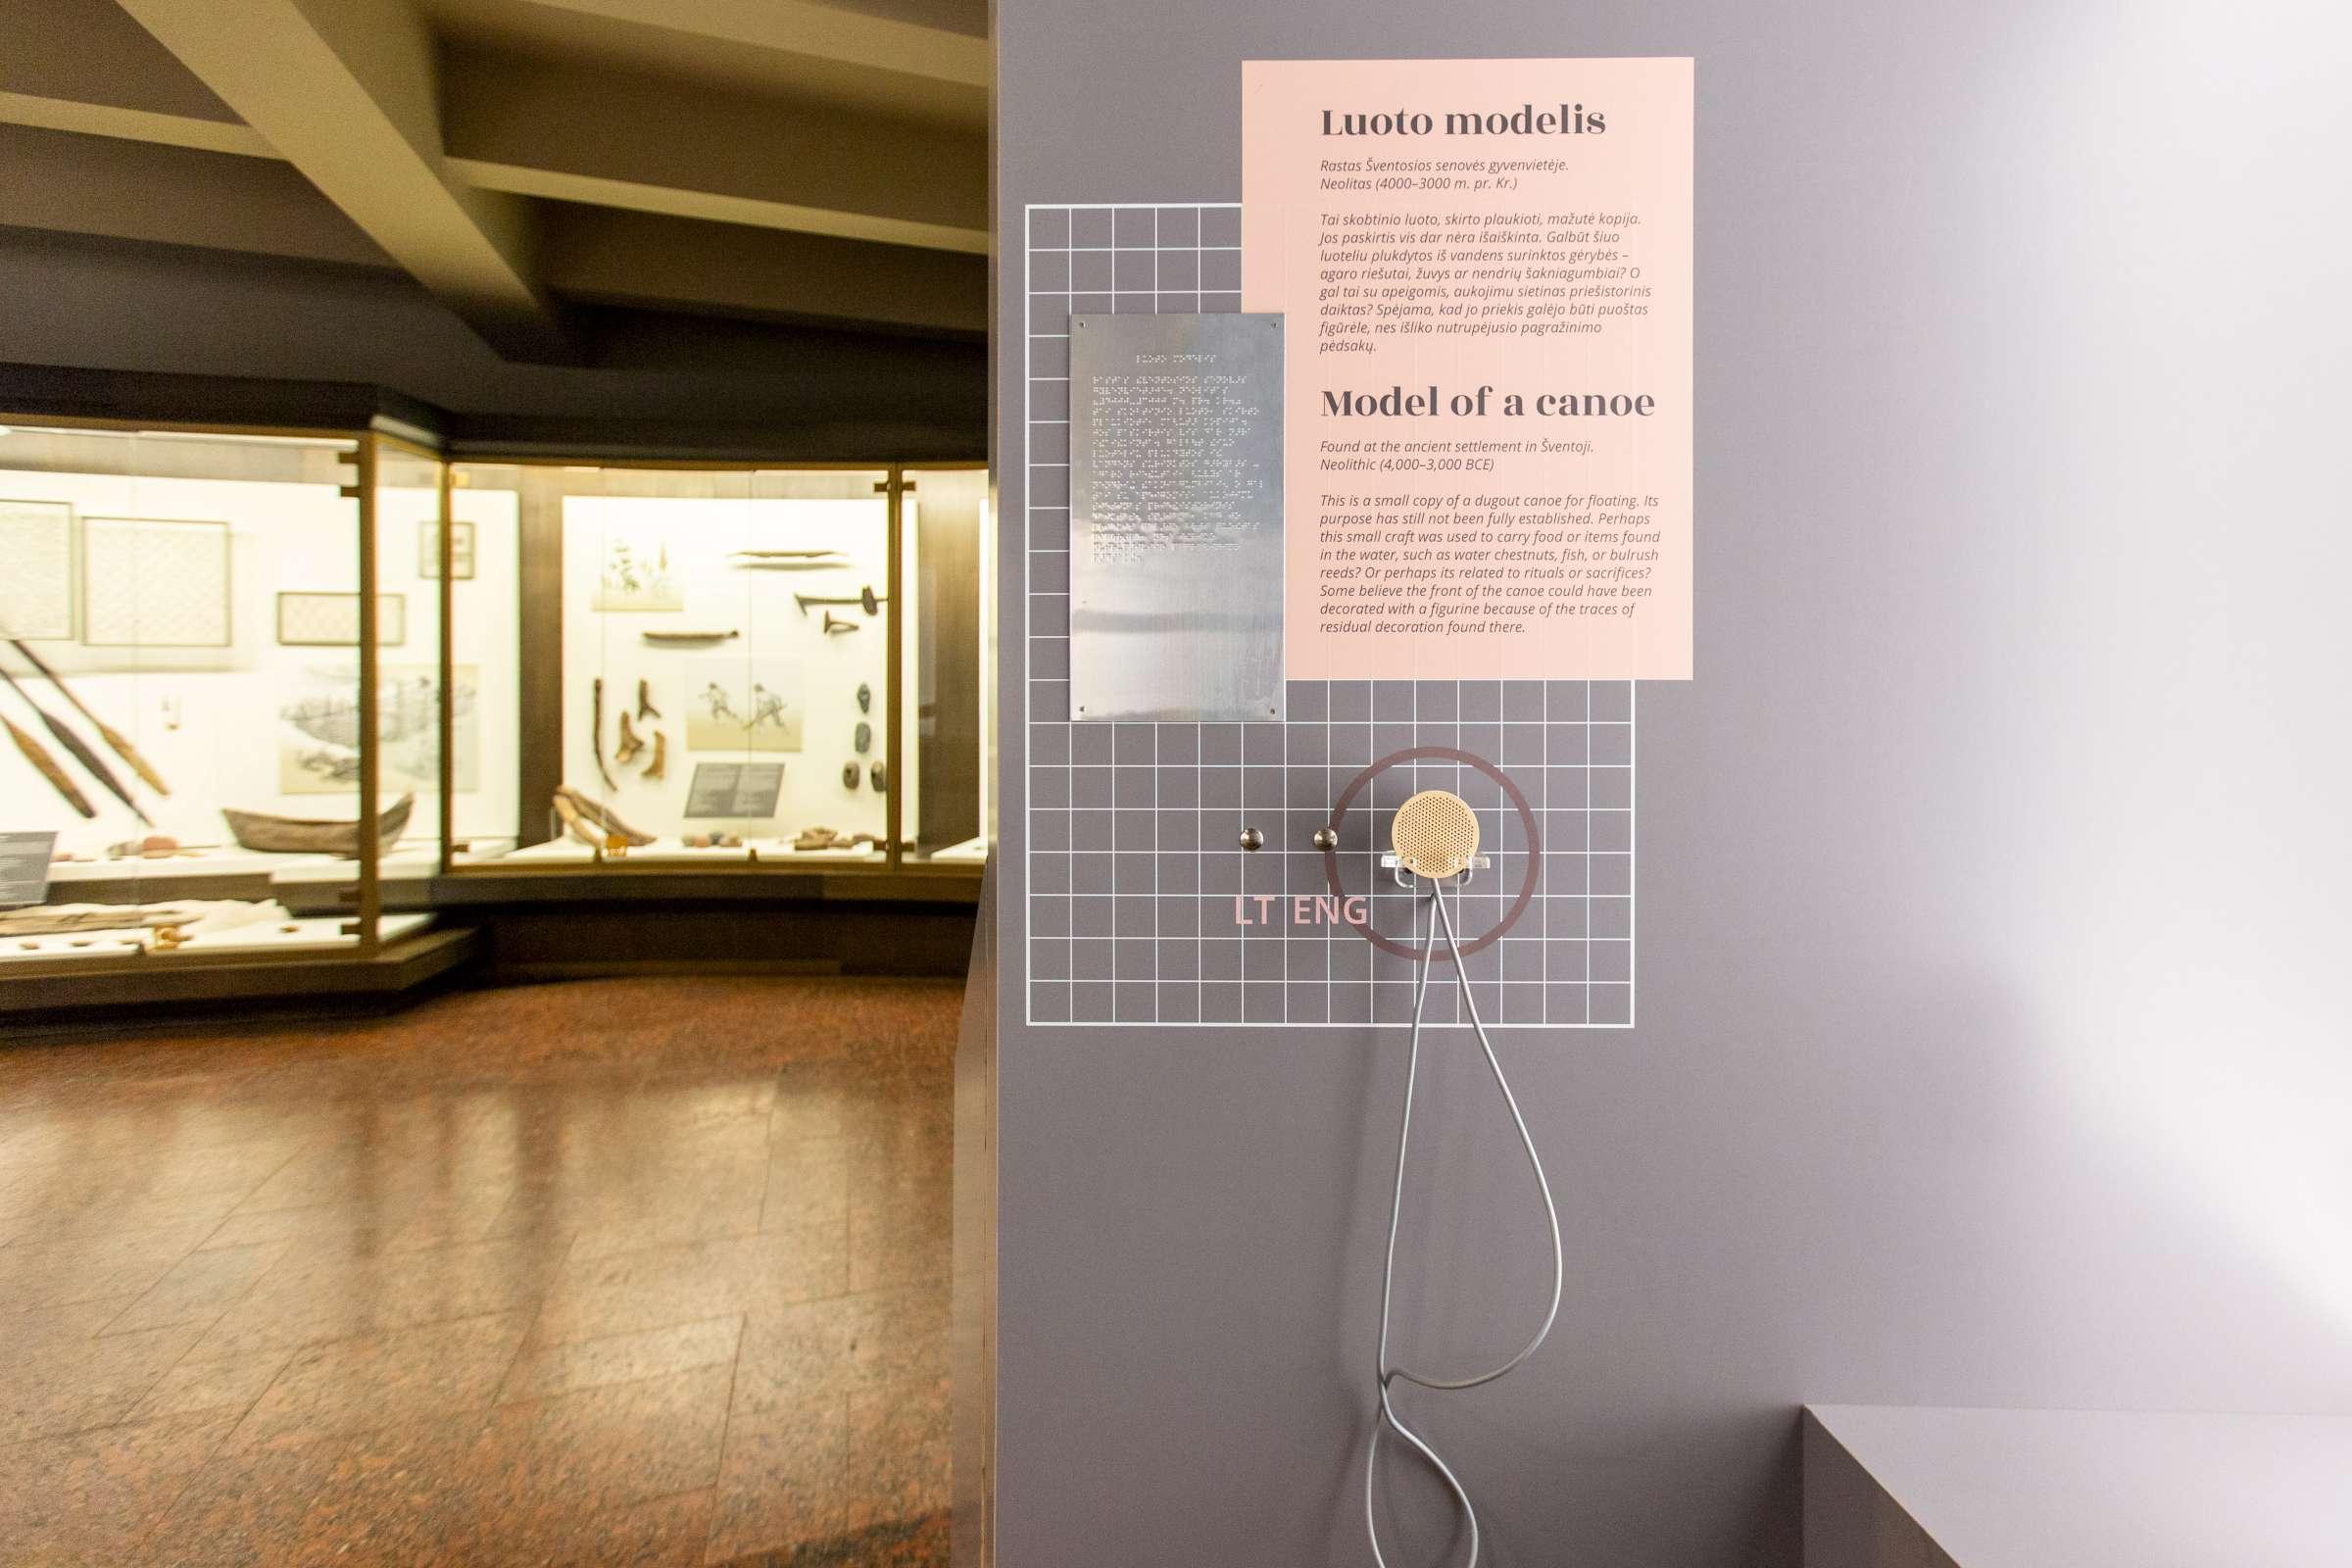 Lankytojai parodoje gali išgirsti pirmykščio žmogaus pasakojimą. Tekstai pritaikyti skaityti ir Brailio raštu (L. Penek nuotr., LNM)-2400